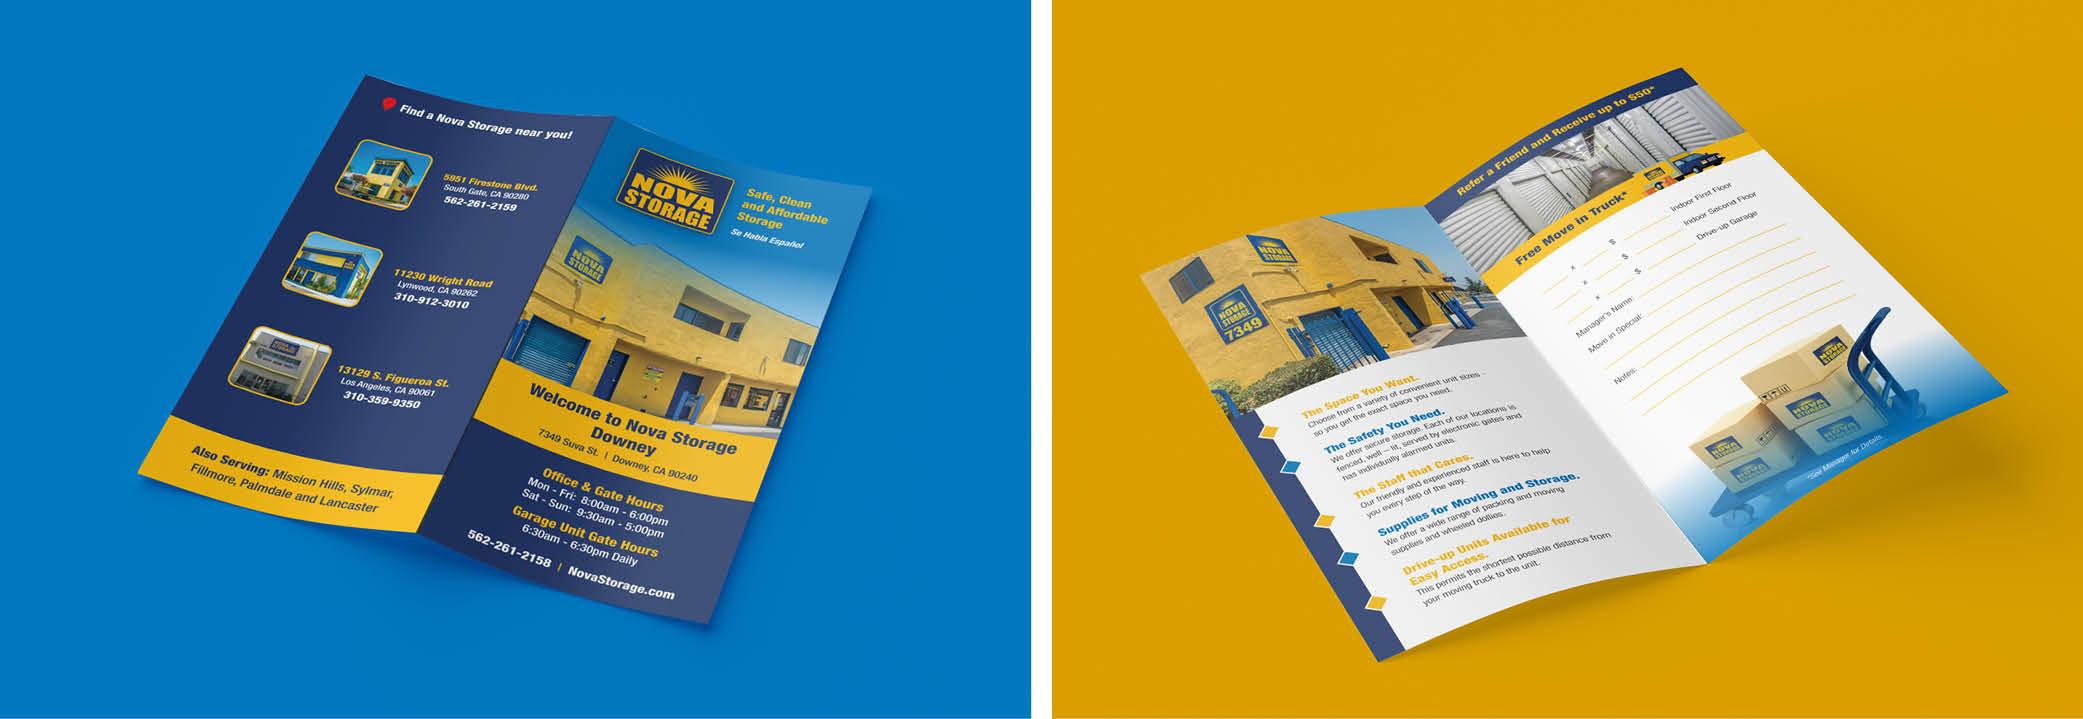 Nova Storage | Brochure